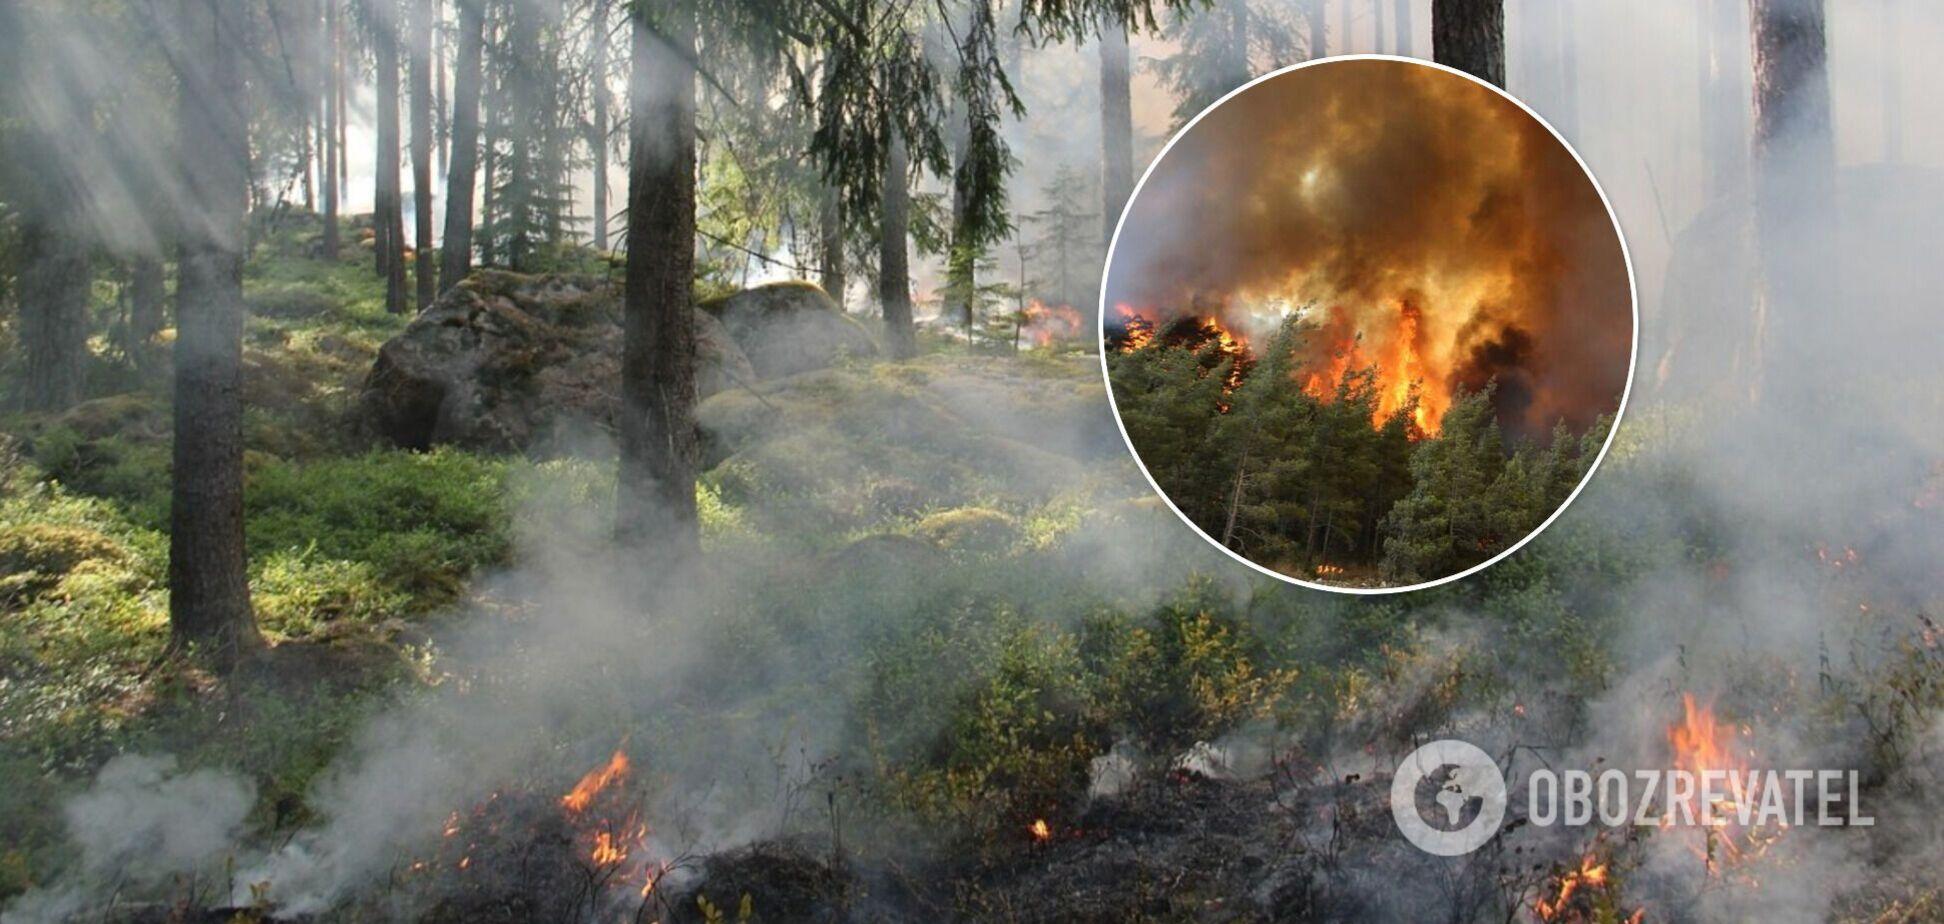 Під Києвом спалахнула пожежа в лісі. Ексклюзивні подробиці й відео